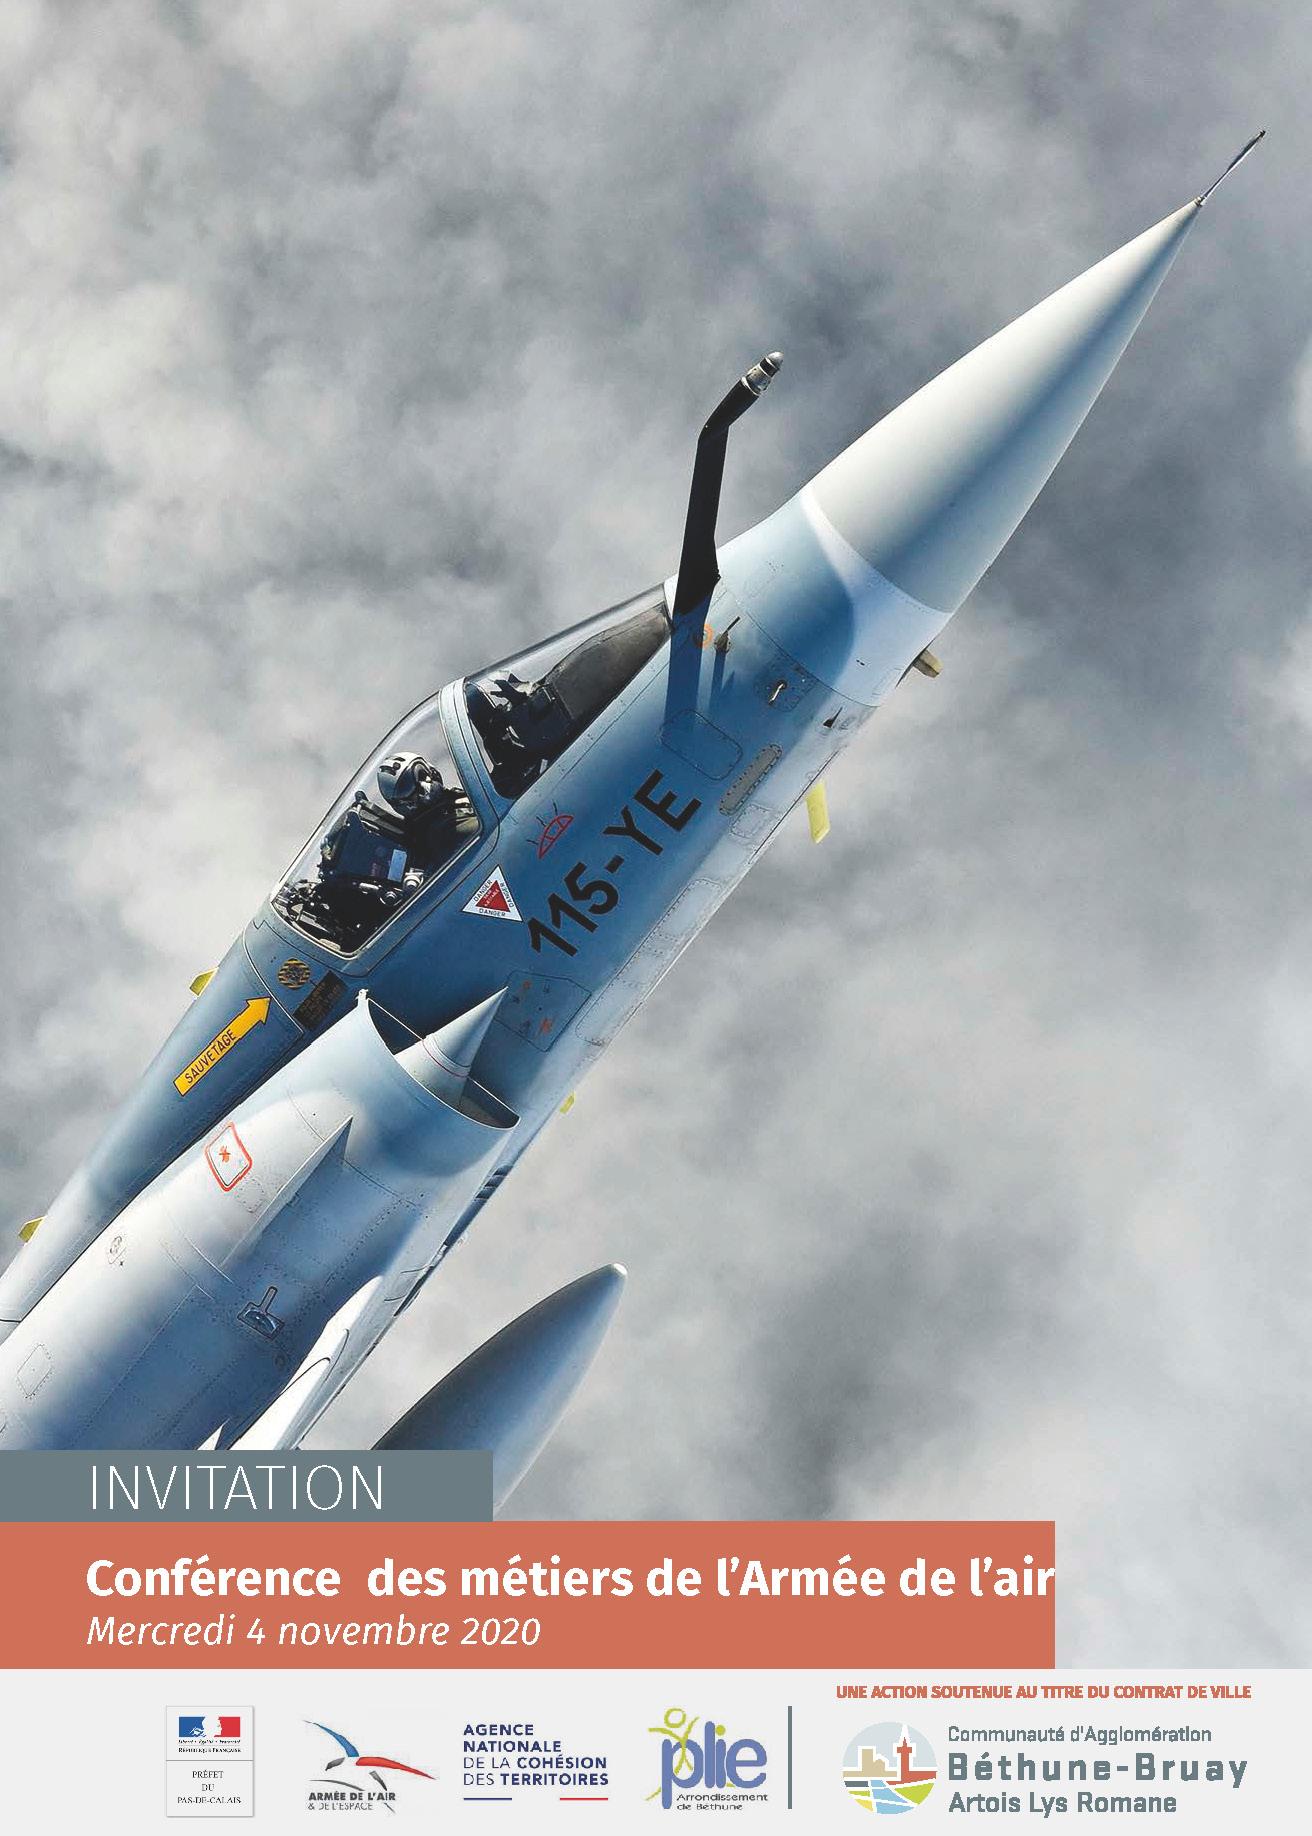 Conférence des métiers de l'Armée de l'air ANNULÉE @ Nœux-les-Mines | Hauts-de-France | France